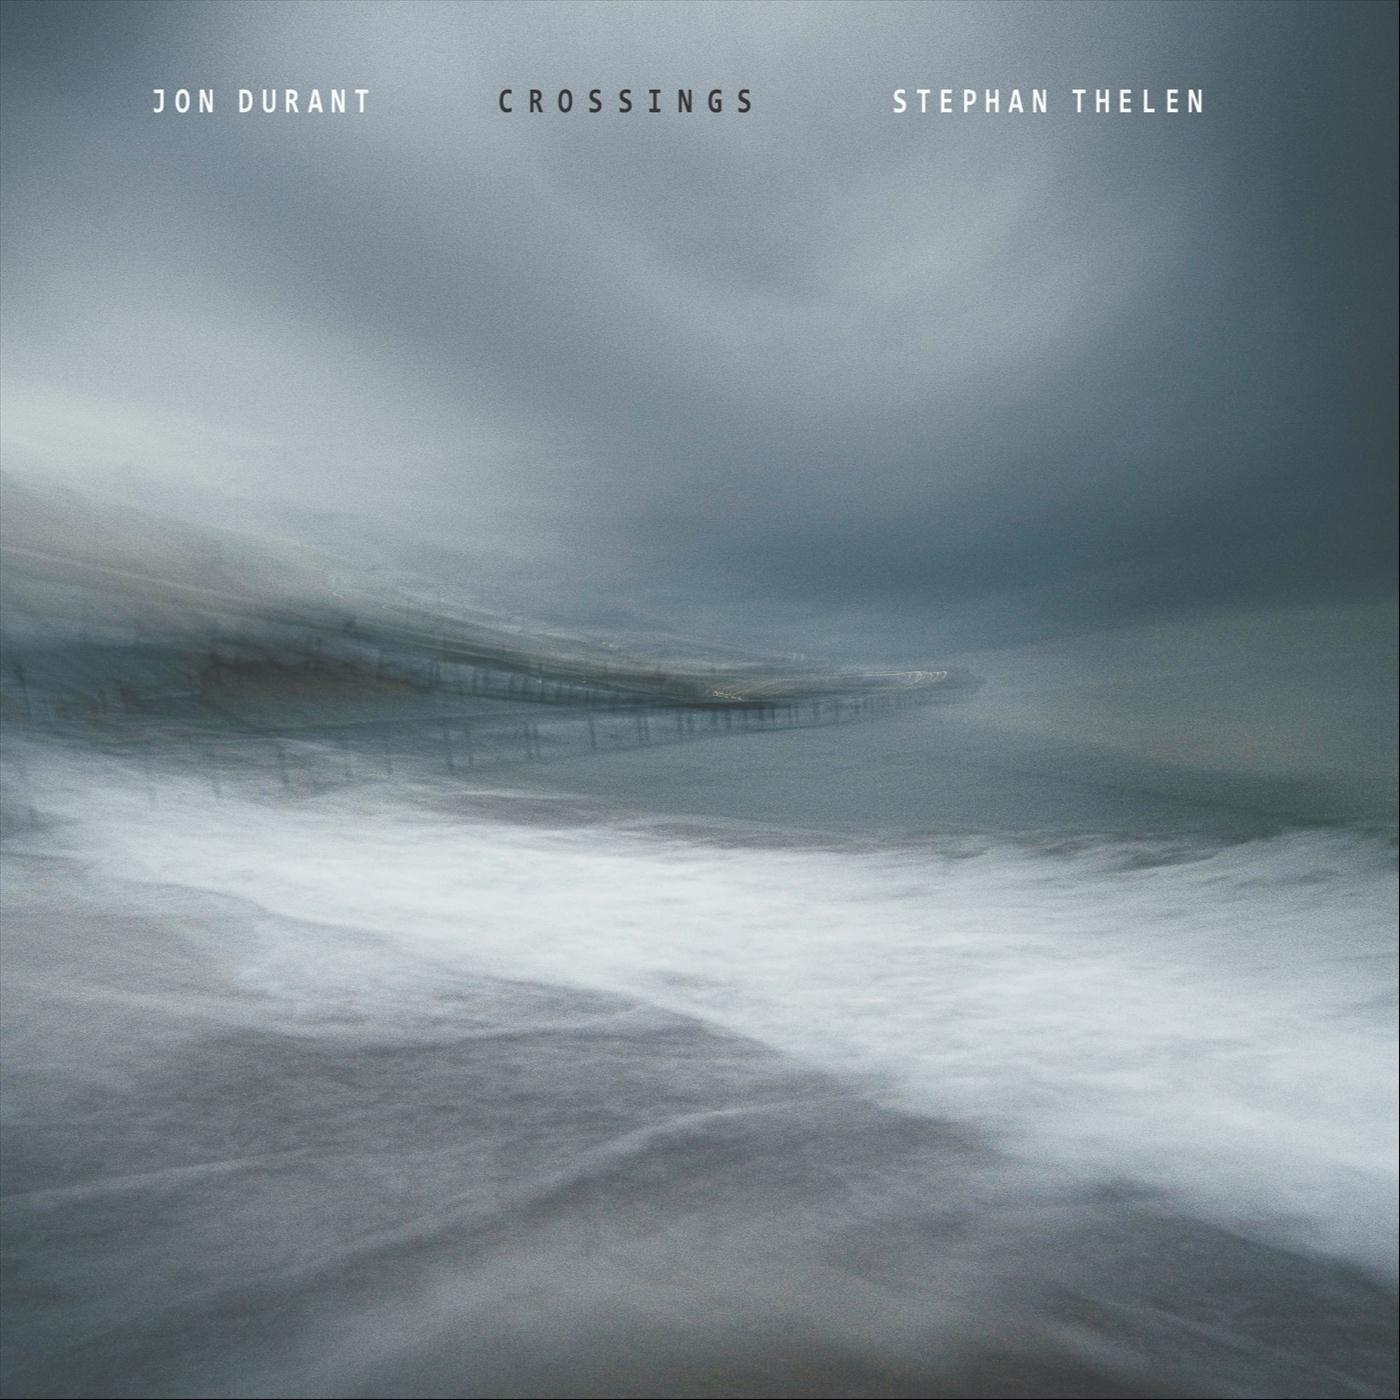 JON DURANT - Jon Durant & Stephan Thelen : Crossings cover